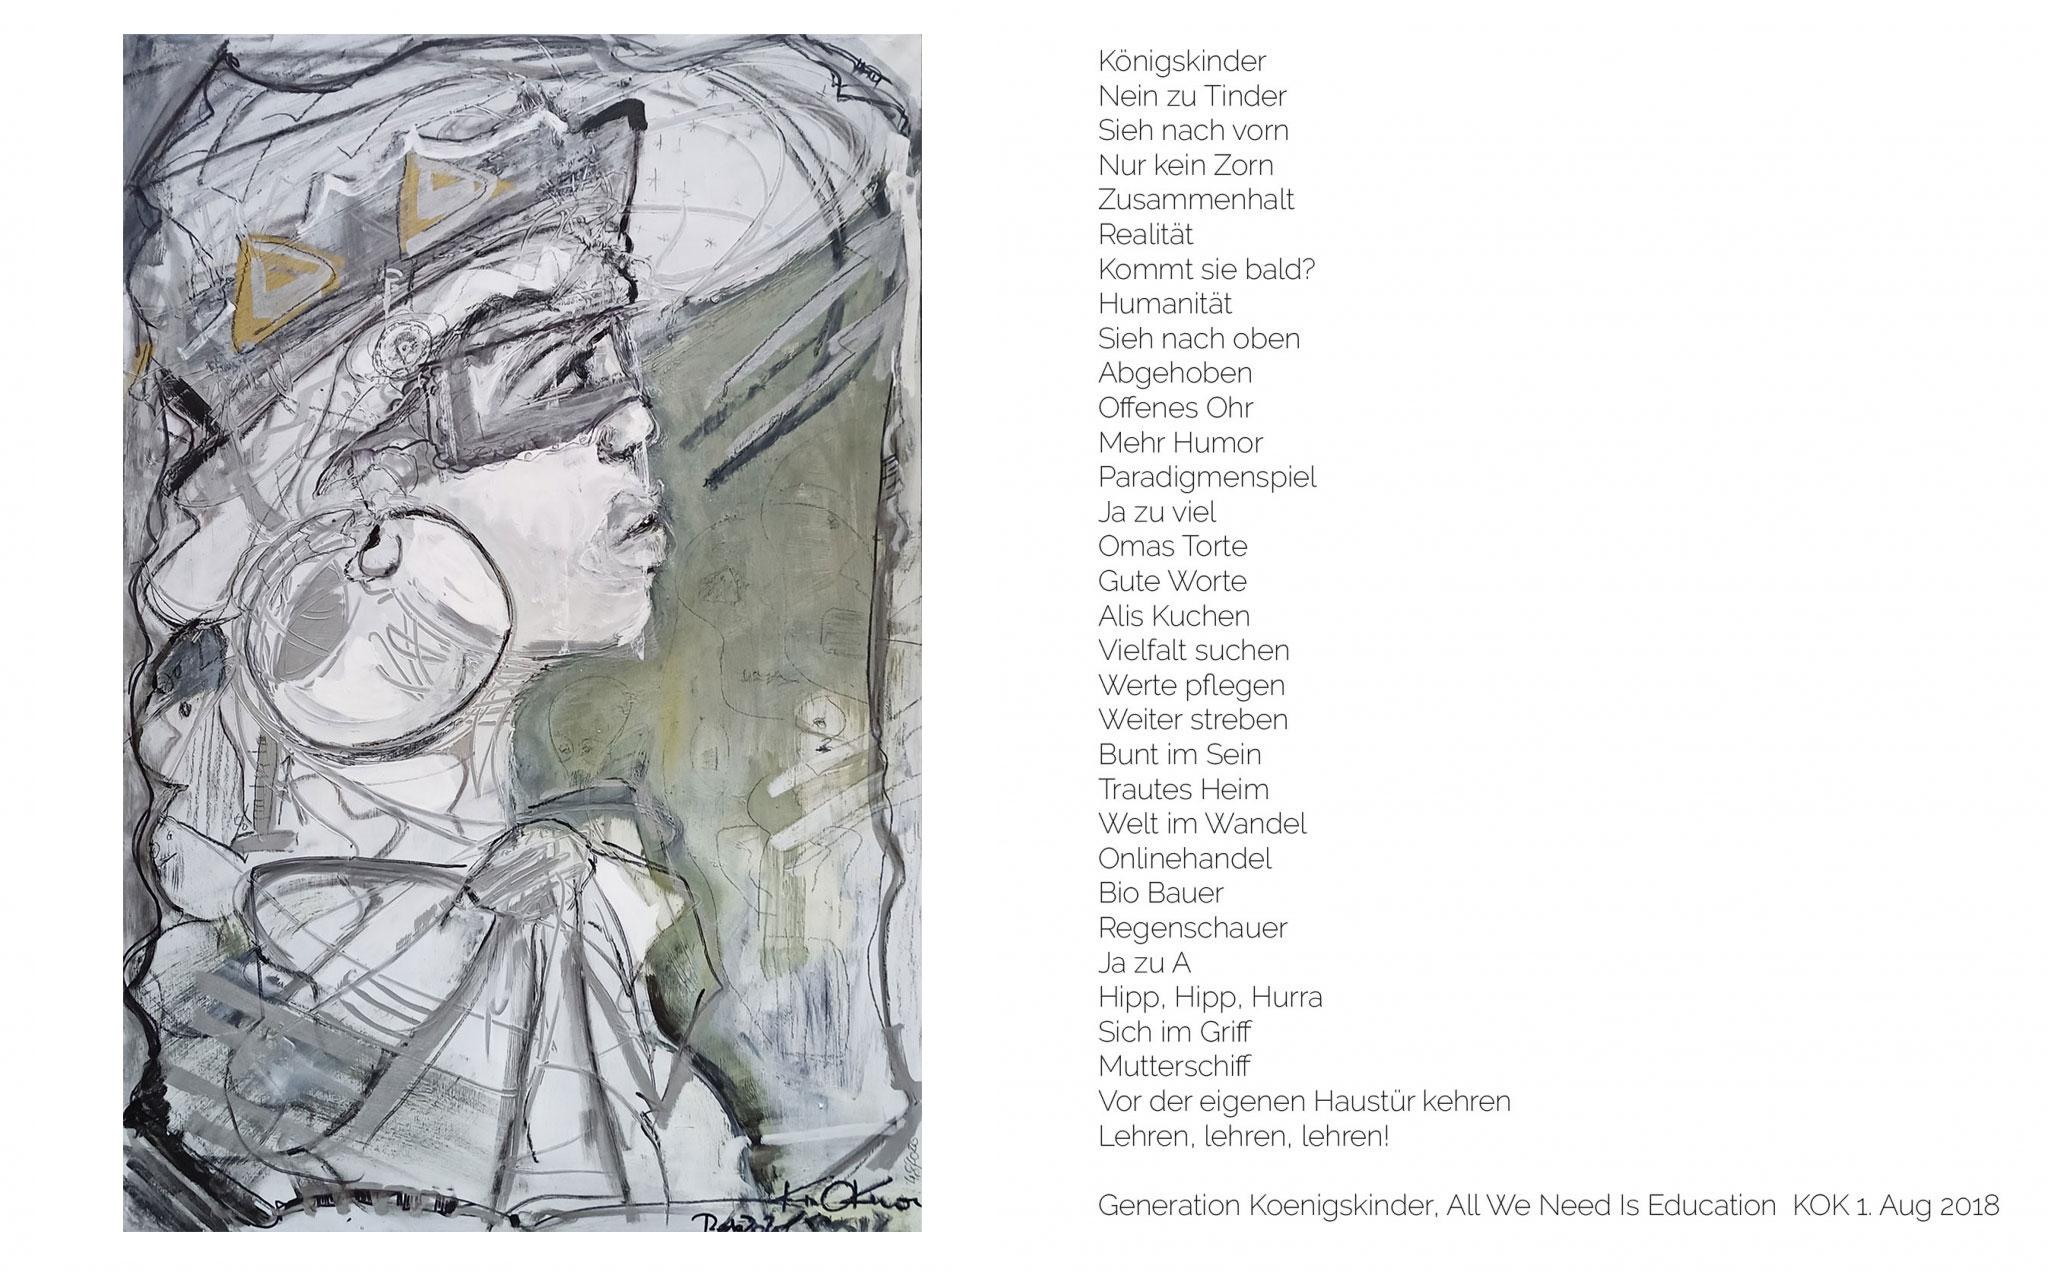 Gedicht zu Untitled Genaration Koenigskinder